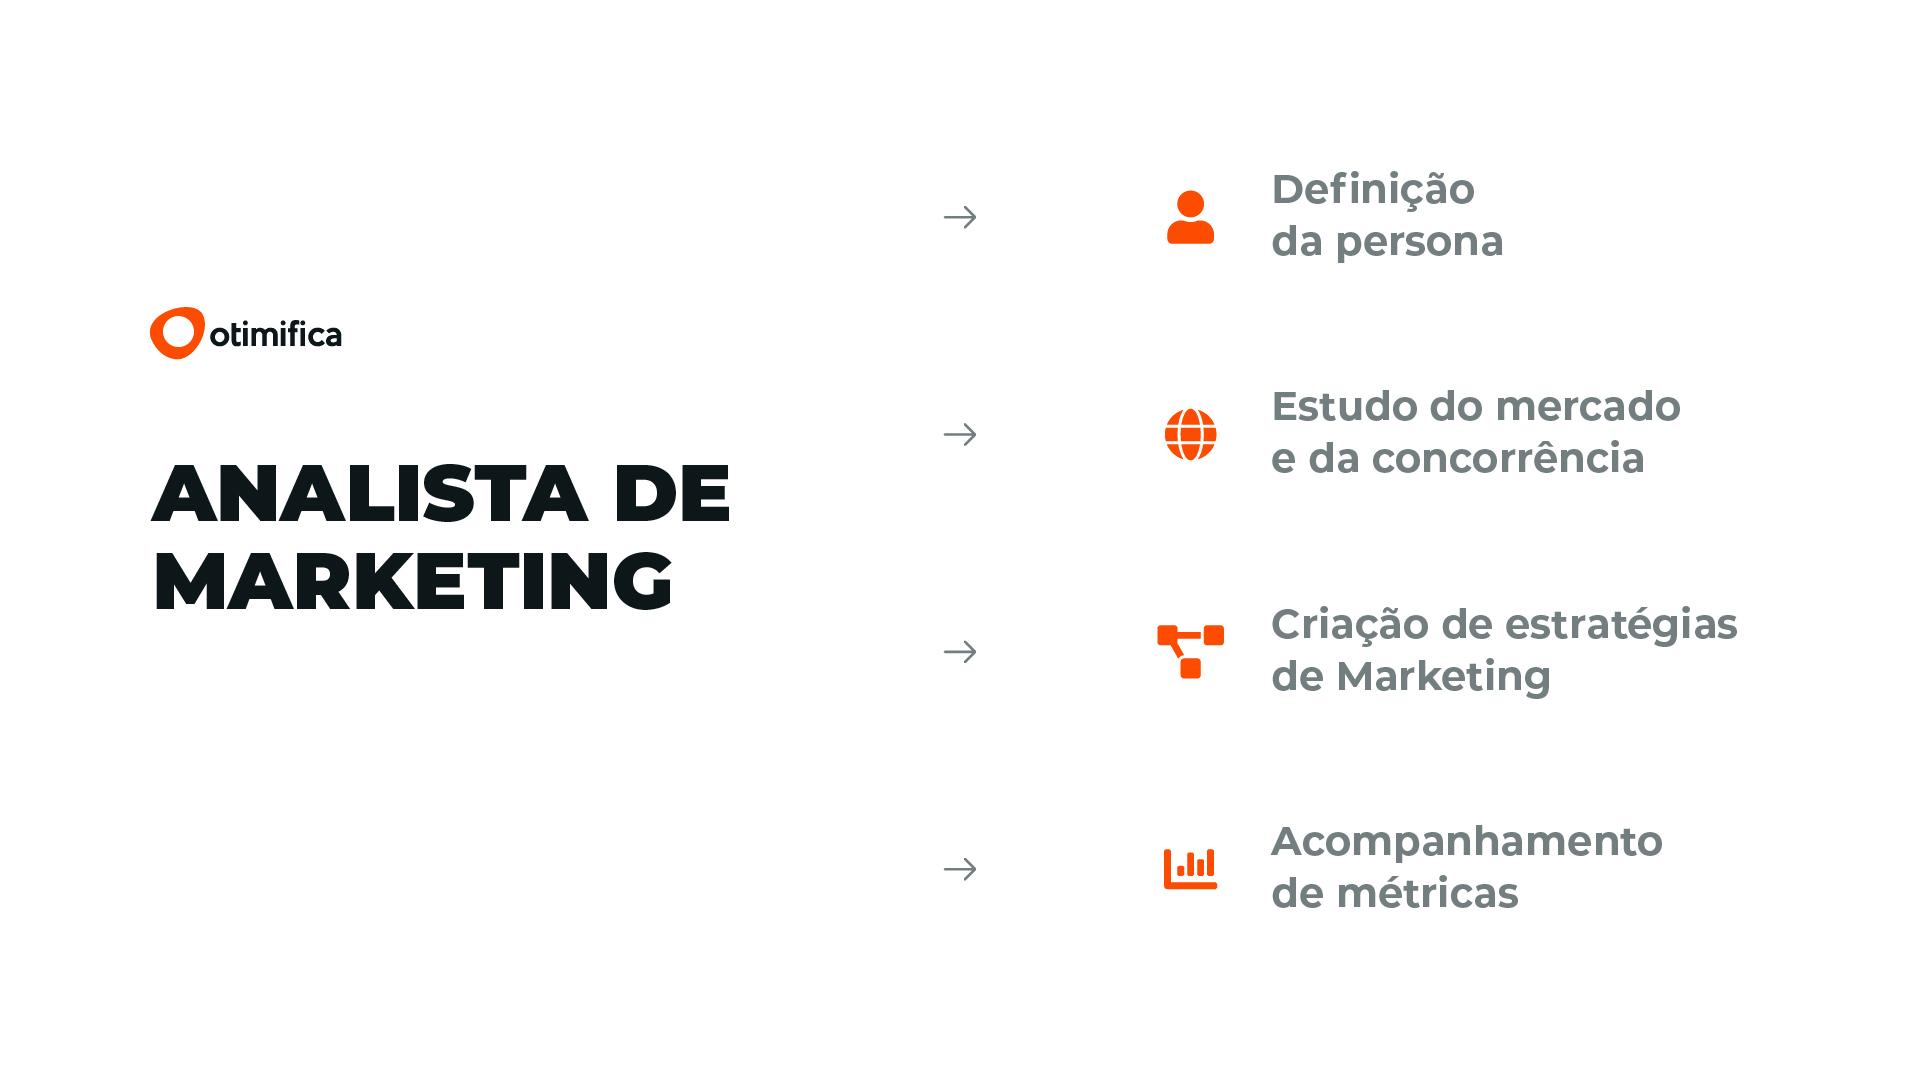 Analista de Marketing - Funções